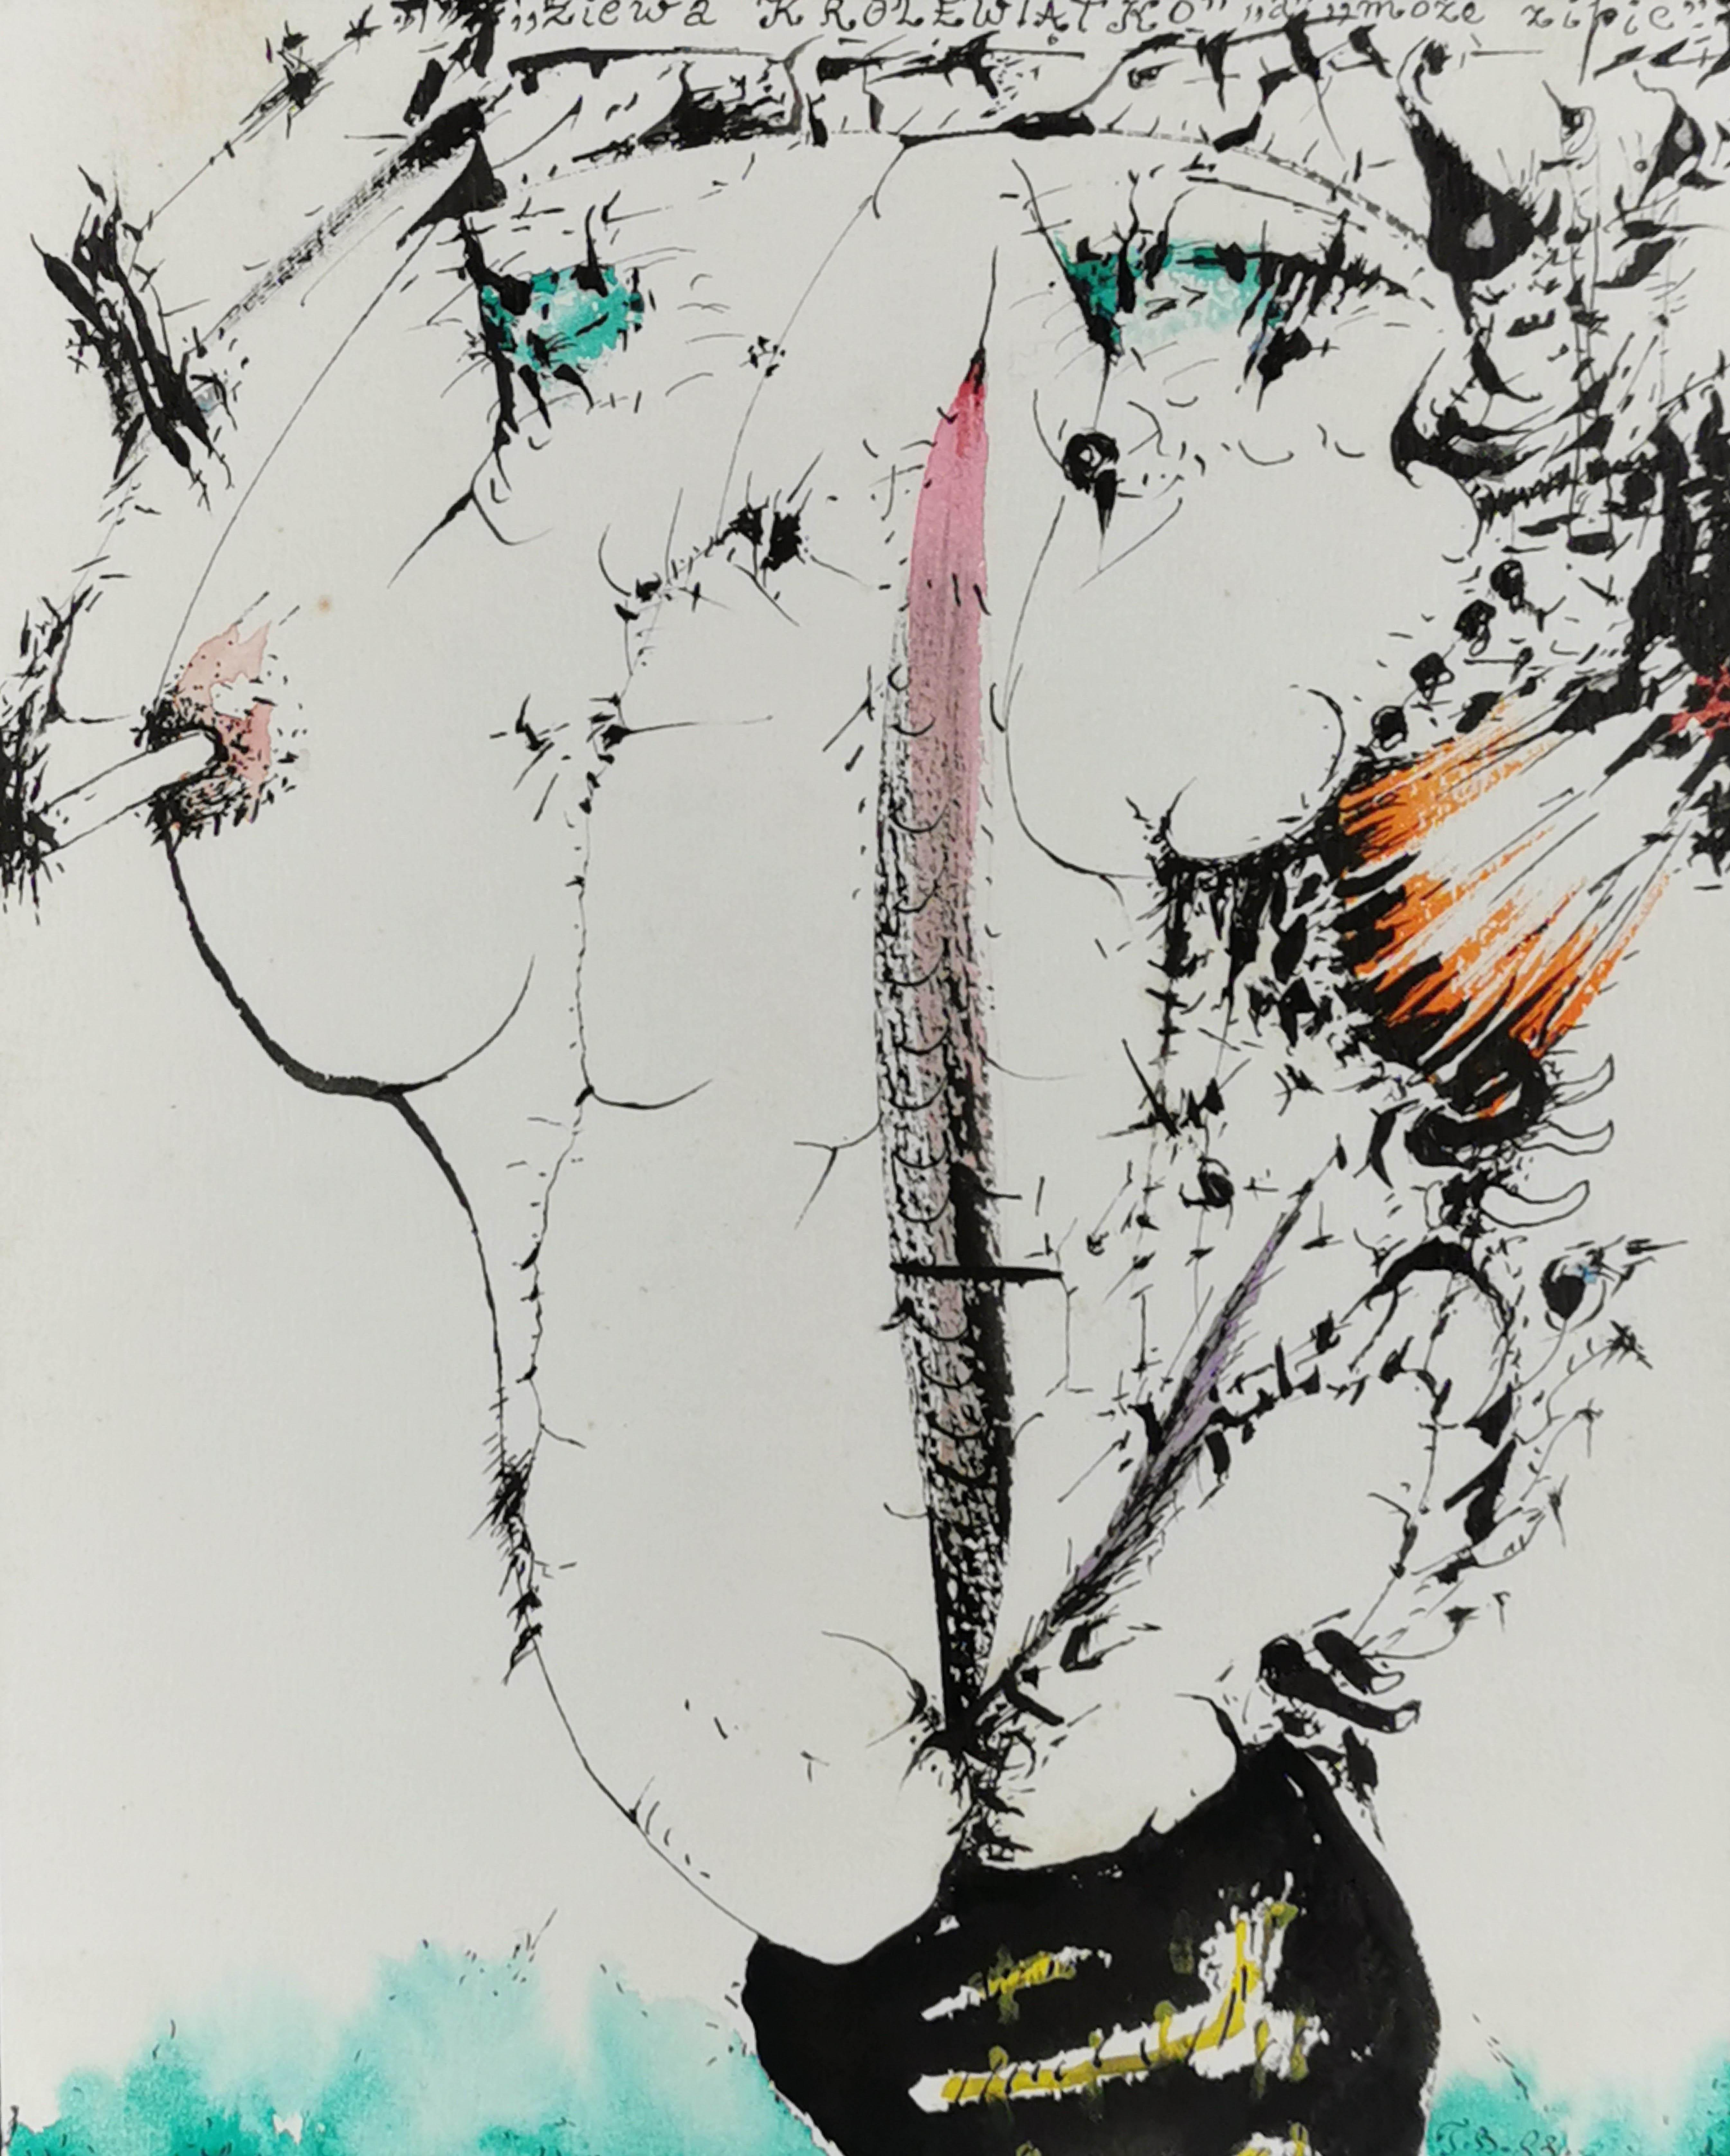 Ziewa królewiątko, a może zipie, 1983